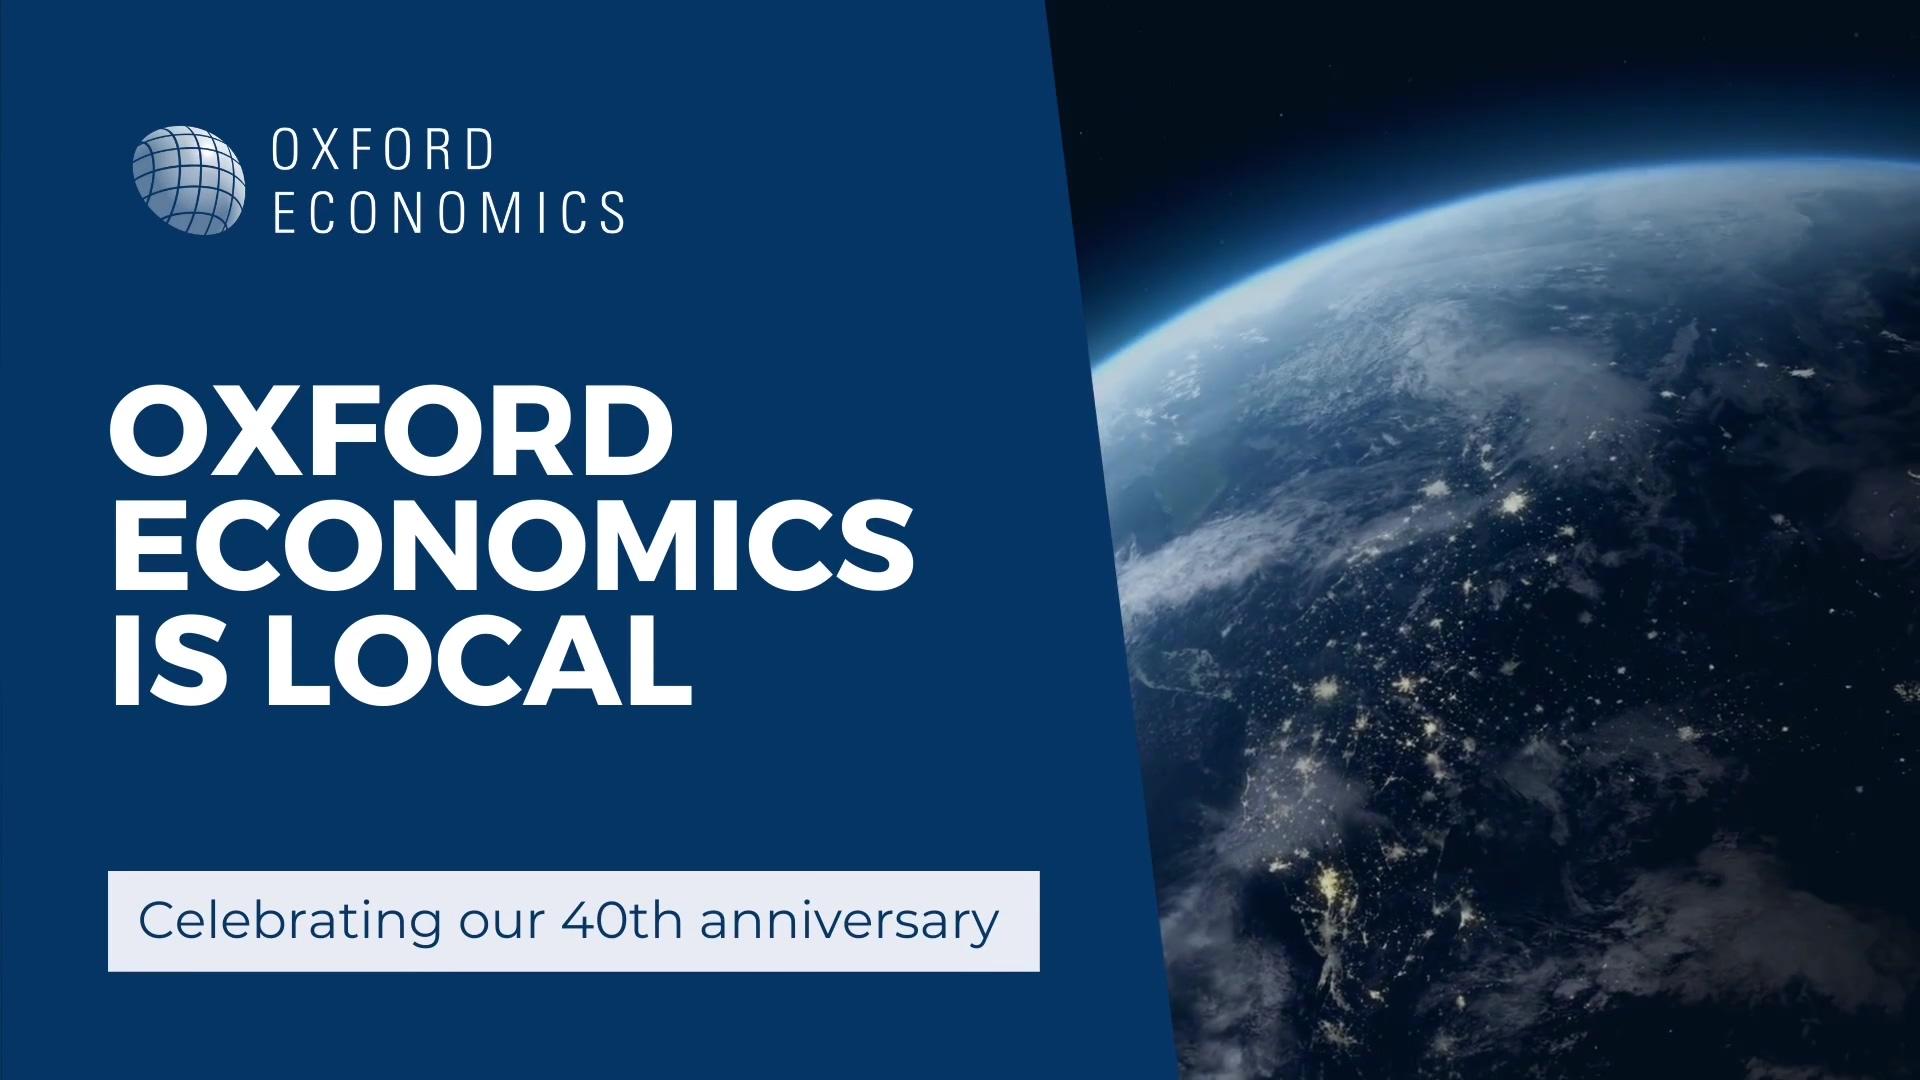 Oxford Economics is Local